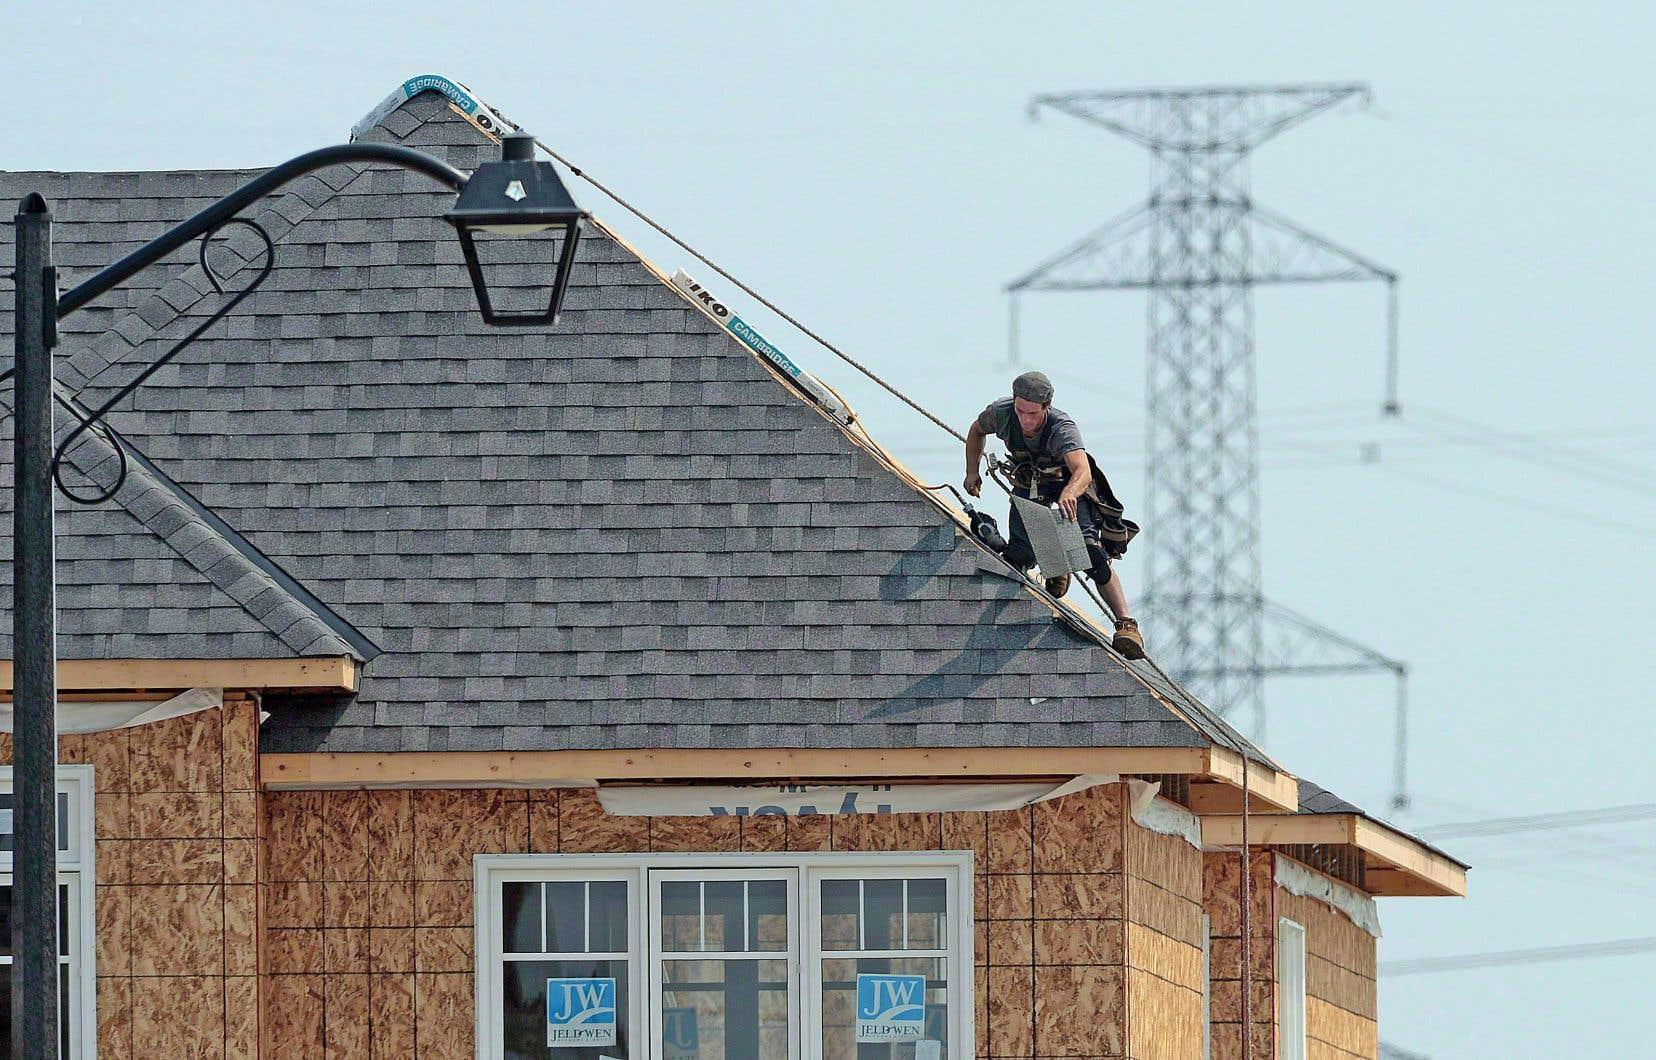 Le nombre de mises en chantier de logements en données désaisonnalisées et annualisées s'est établi à 195613 en mai.